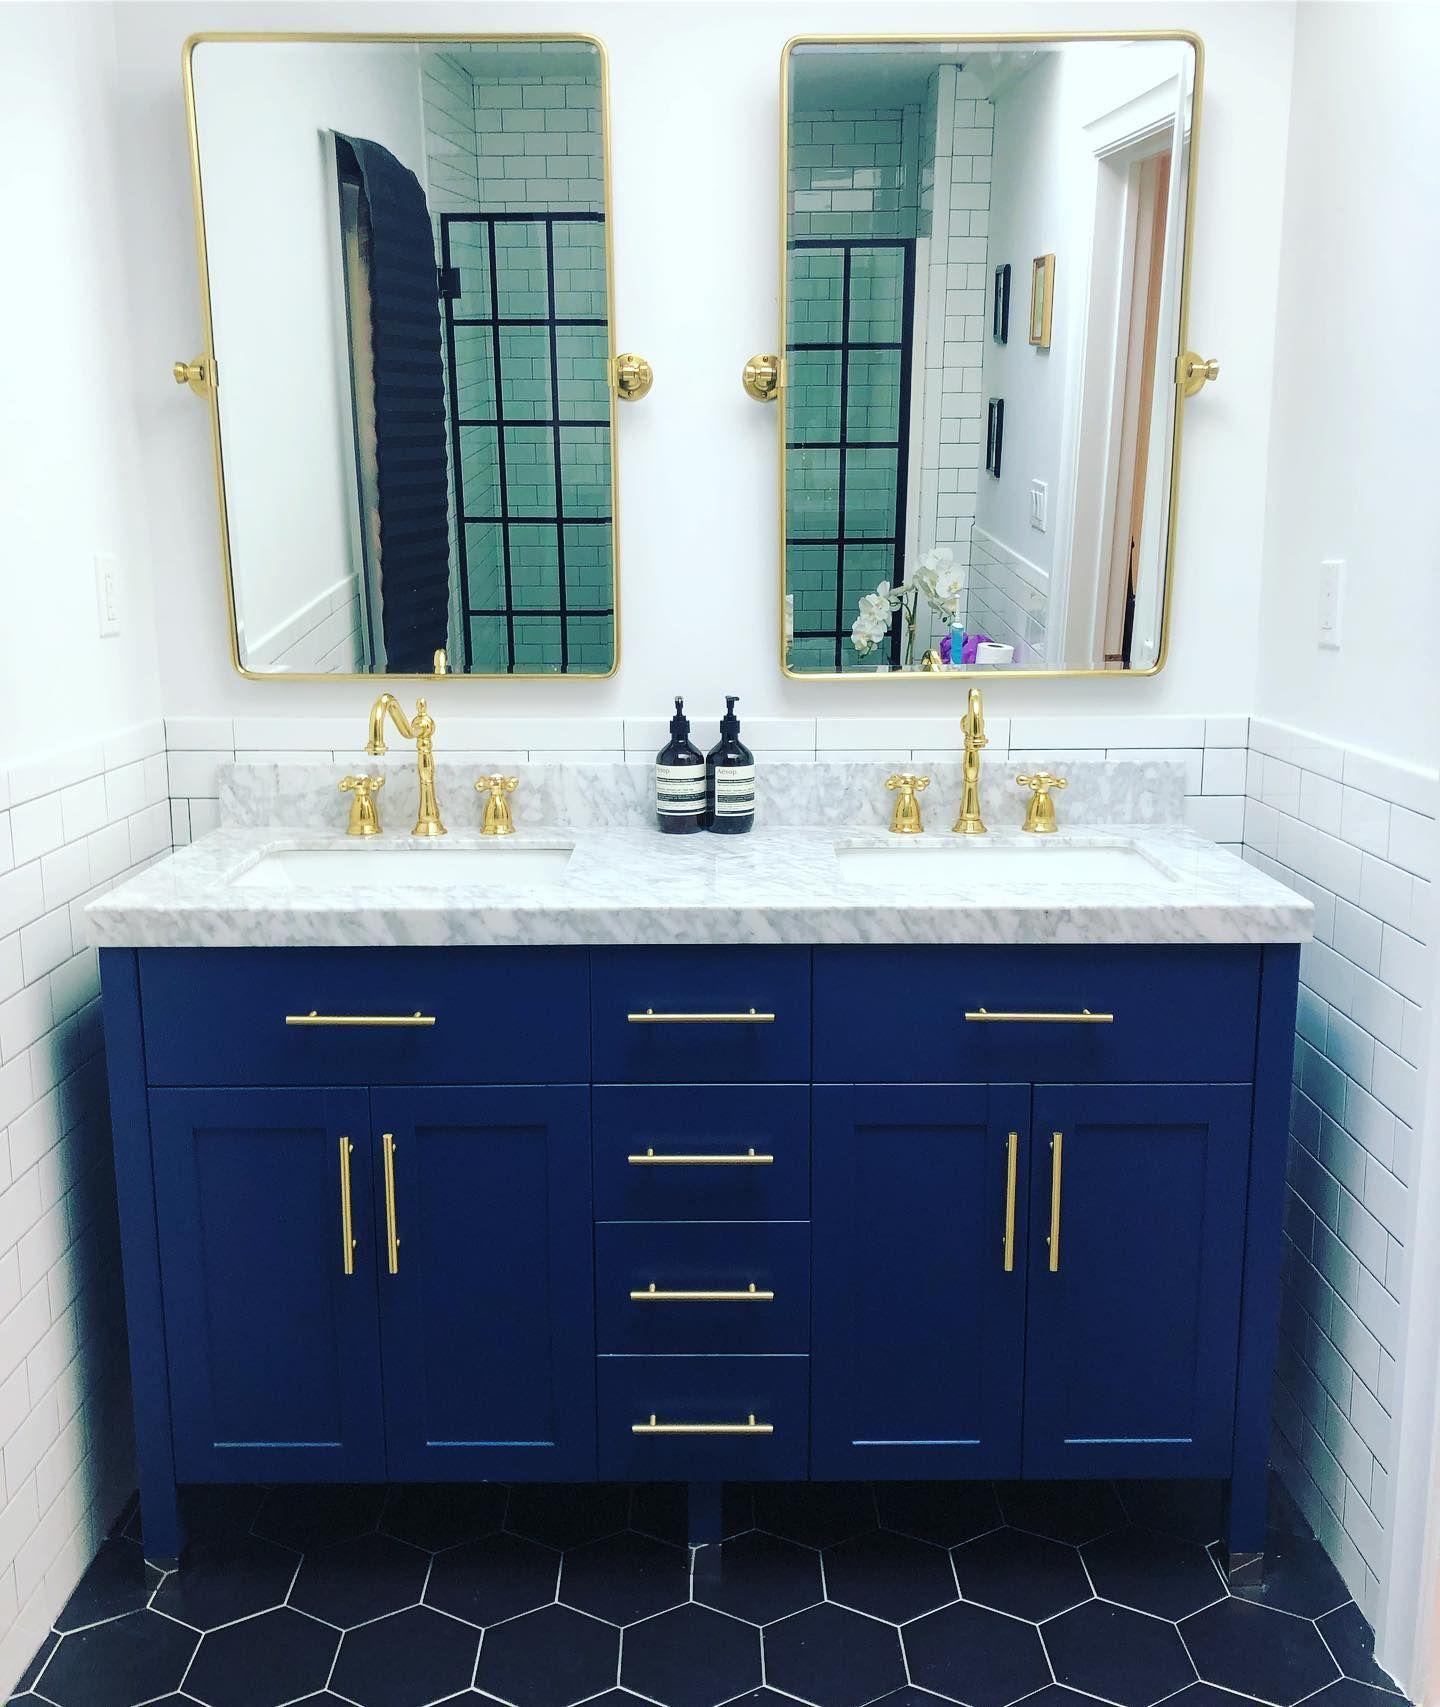 Victorian Widespreace Bathroom Faucet Metal Cross Handles Blue Bathroom Vanity Small Bathroom Bathroom Vanity